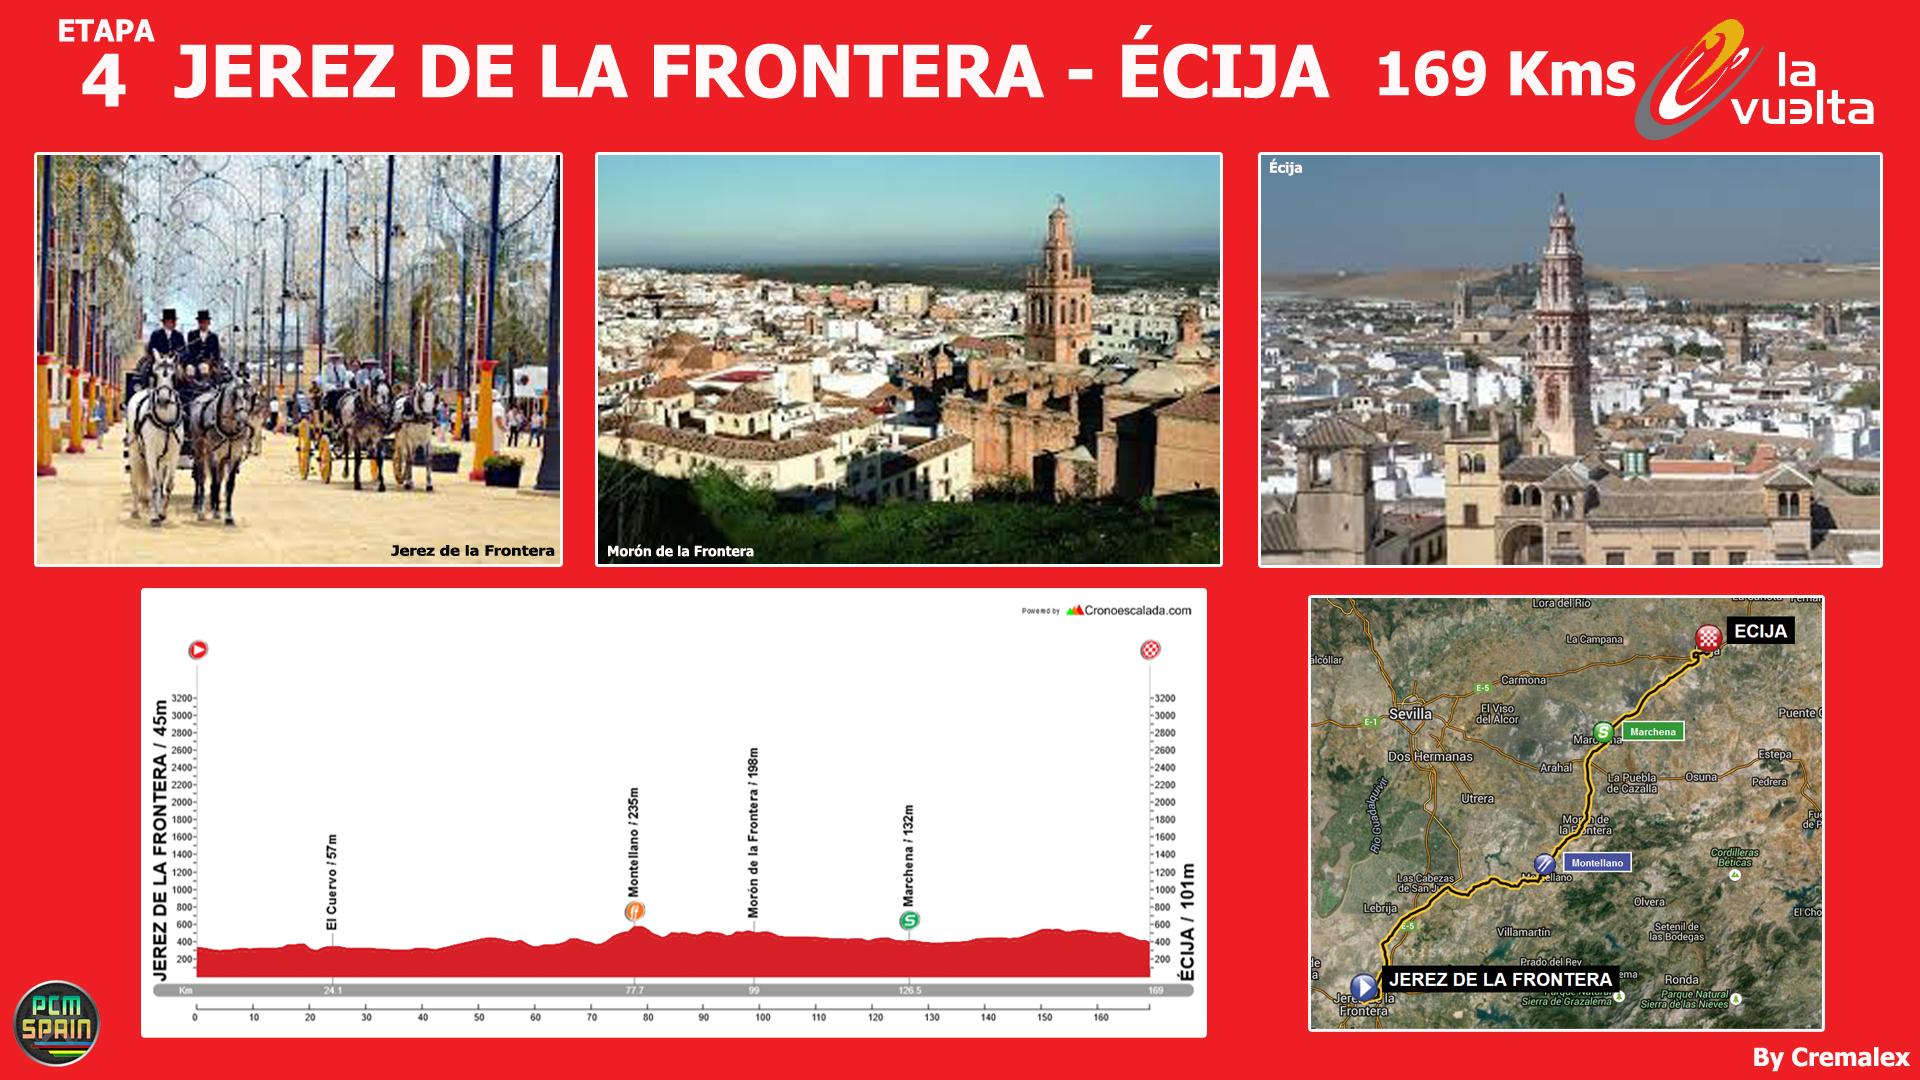 Concurso Vuelta a España 2015 - Página 6 704155Etapas04